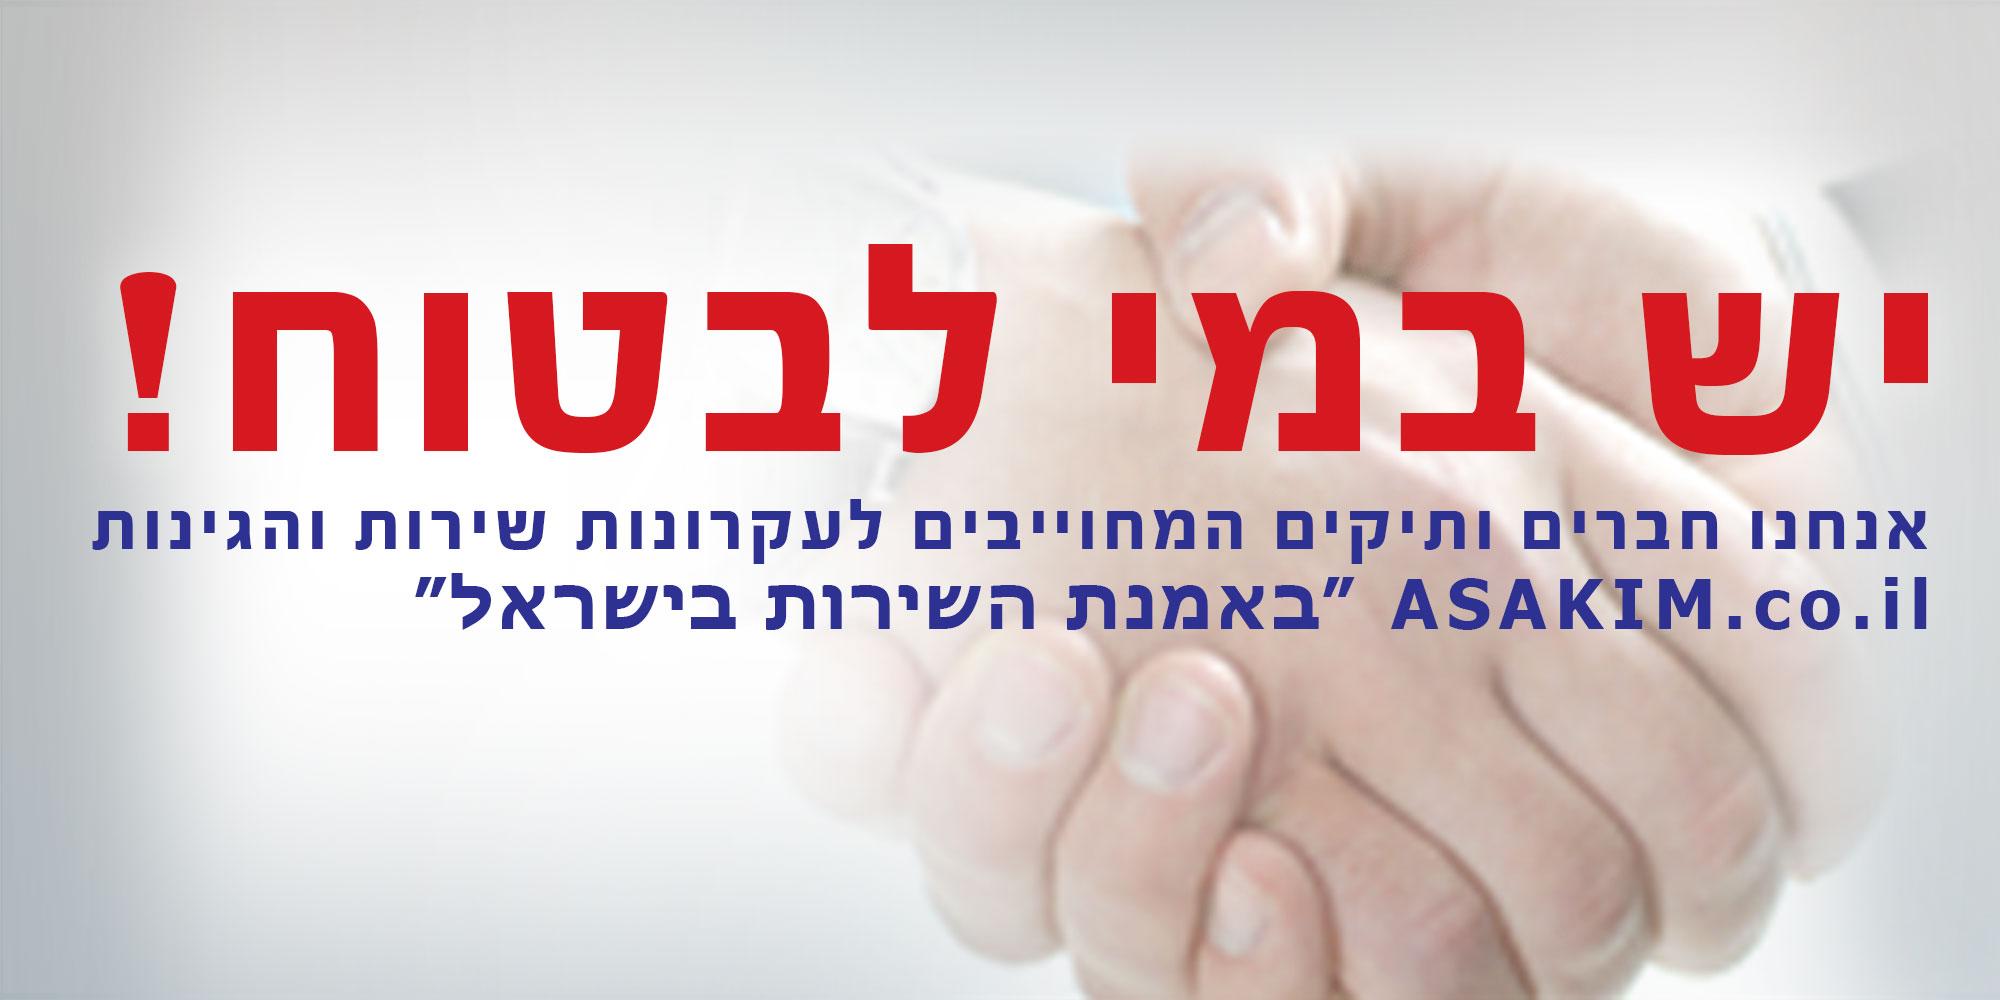 עברית ותיק .jpg